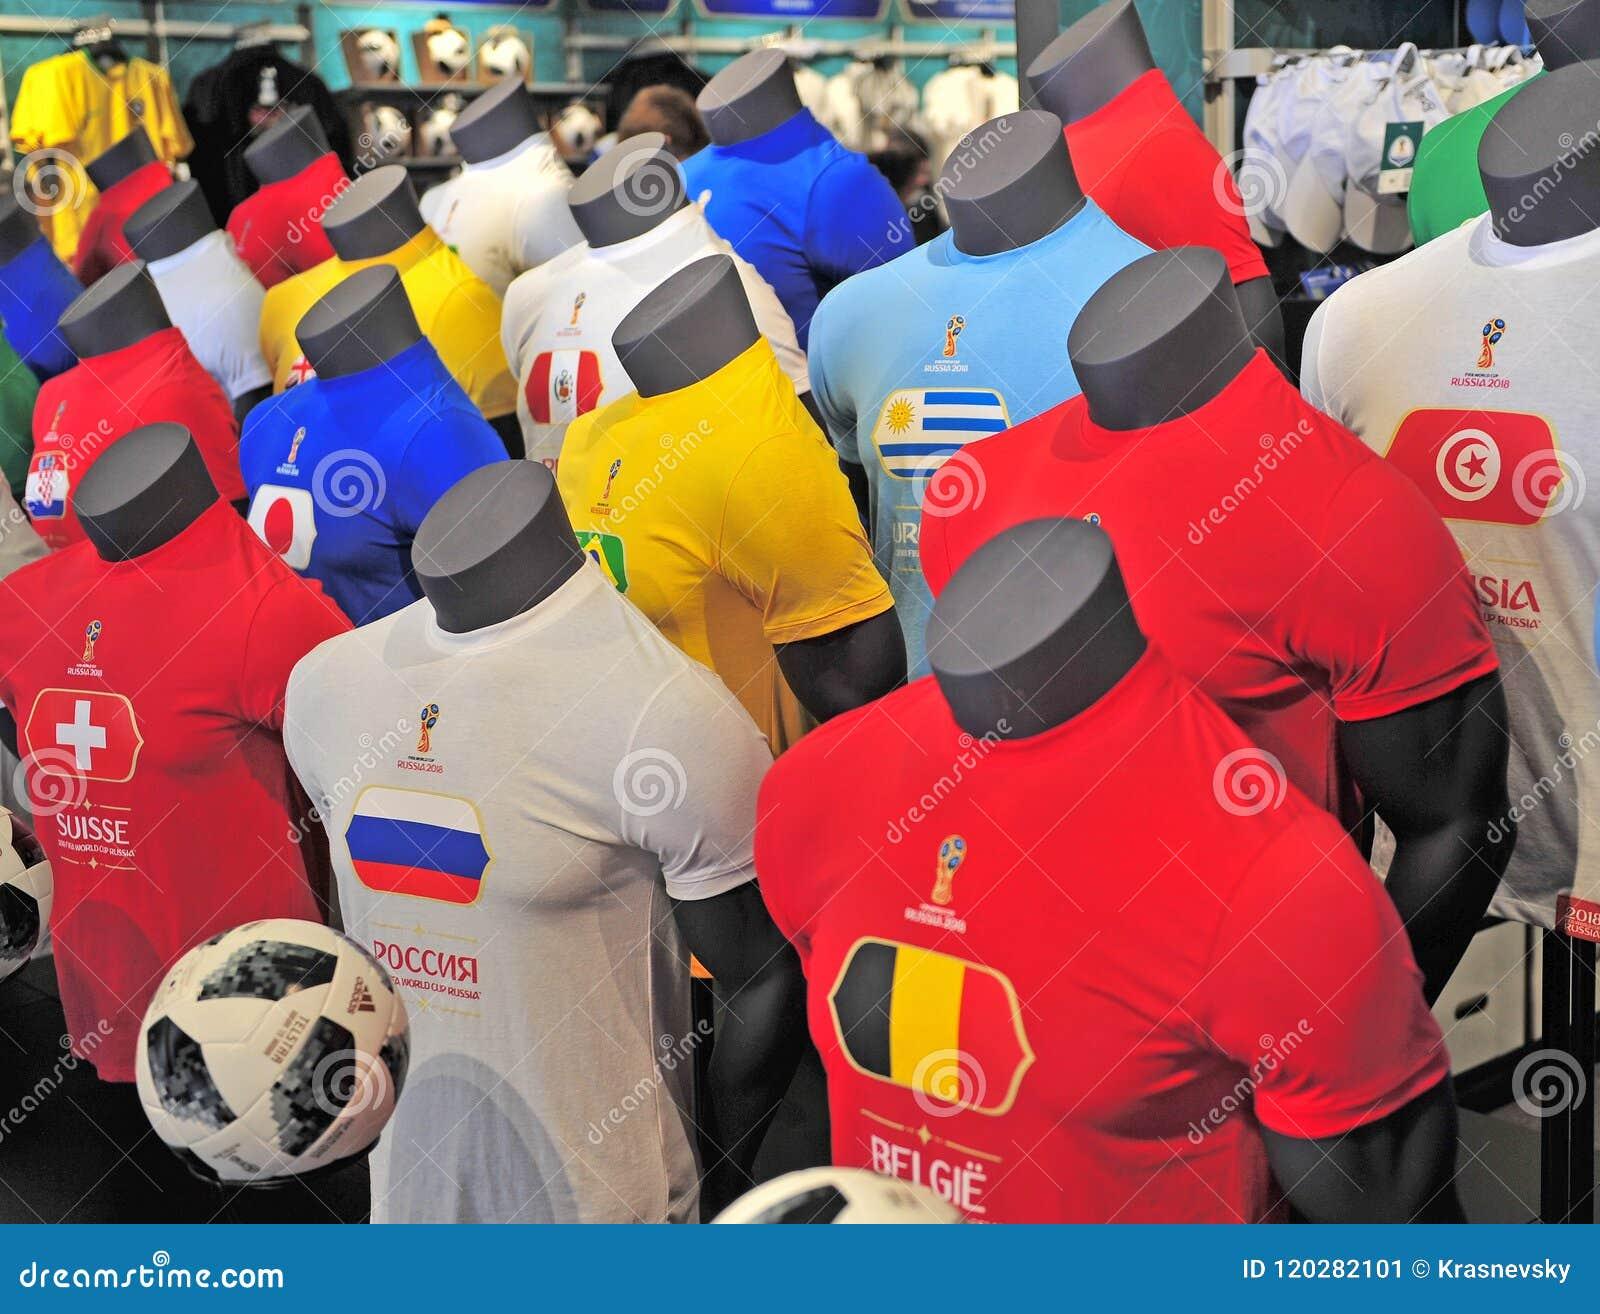 La Maison Du Monde Bilbao chemises à la maison du football de coupe du monde de la